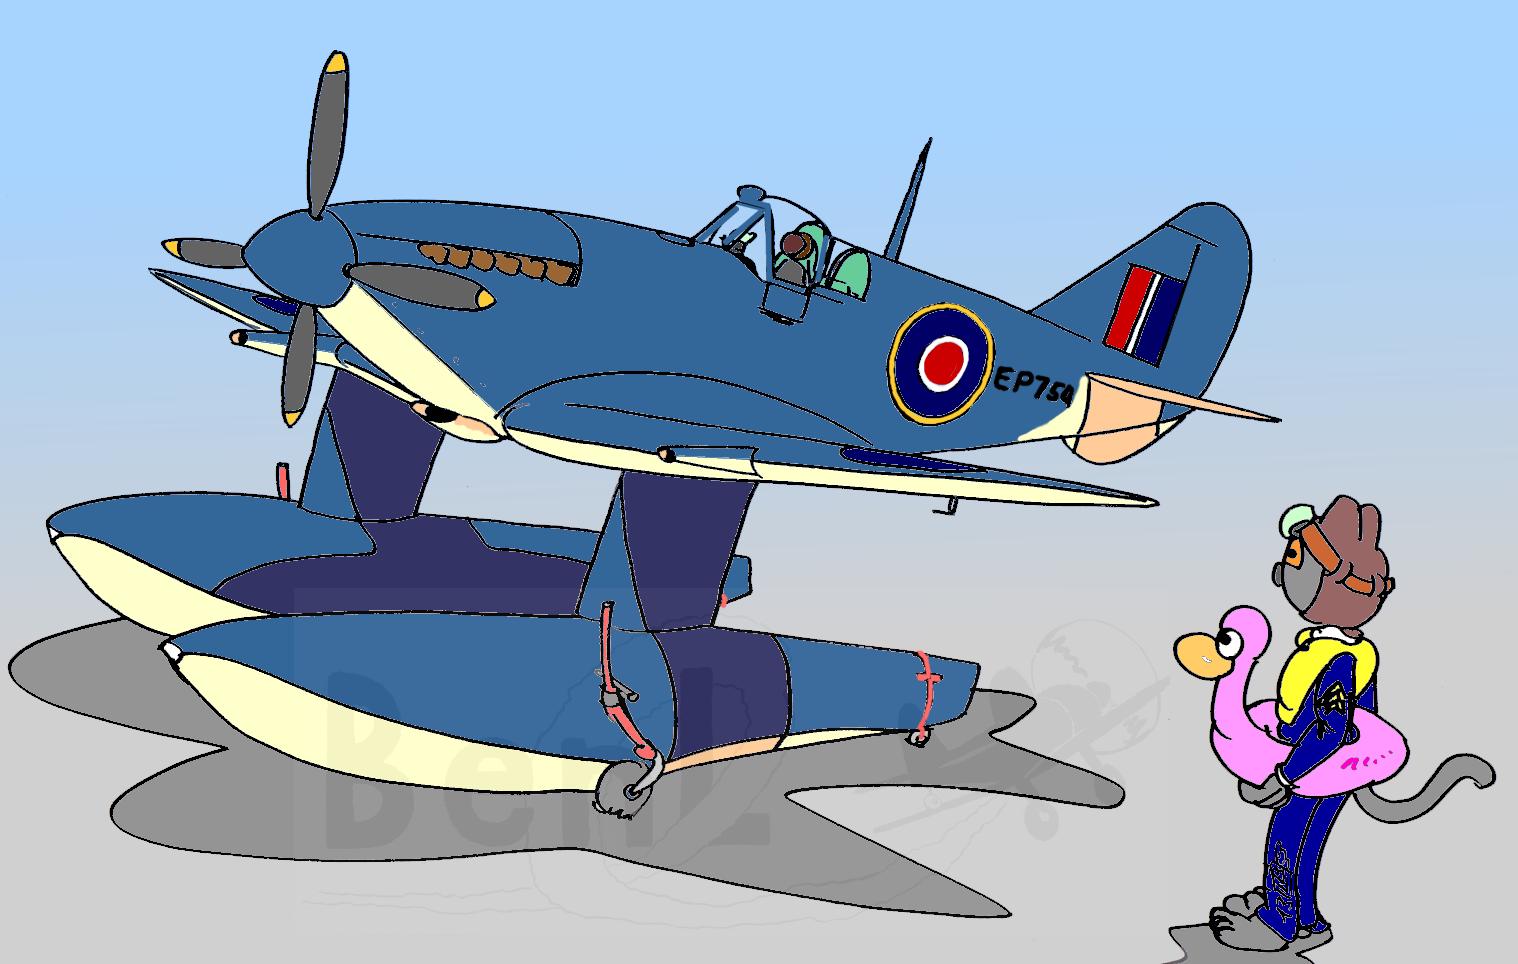 Spitfire à flotteurs